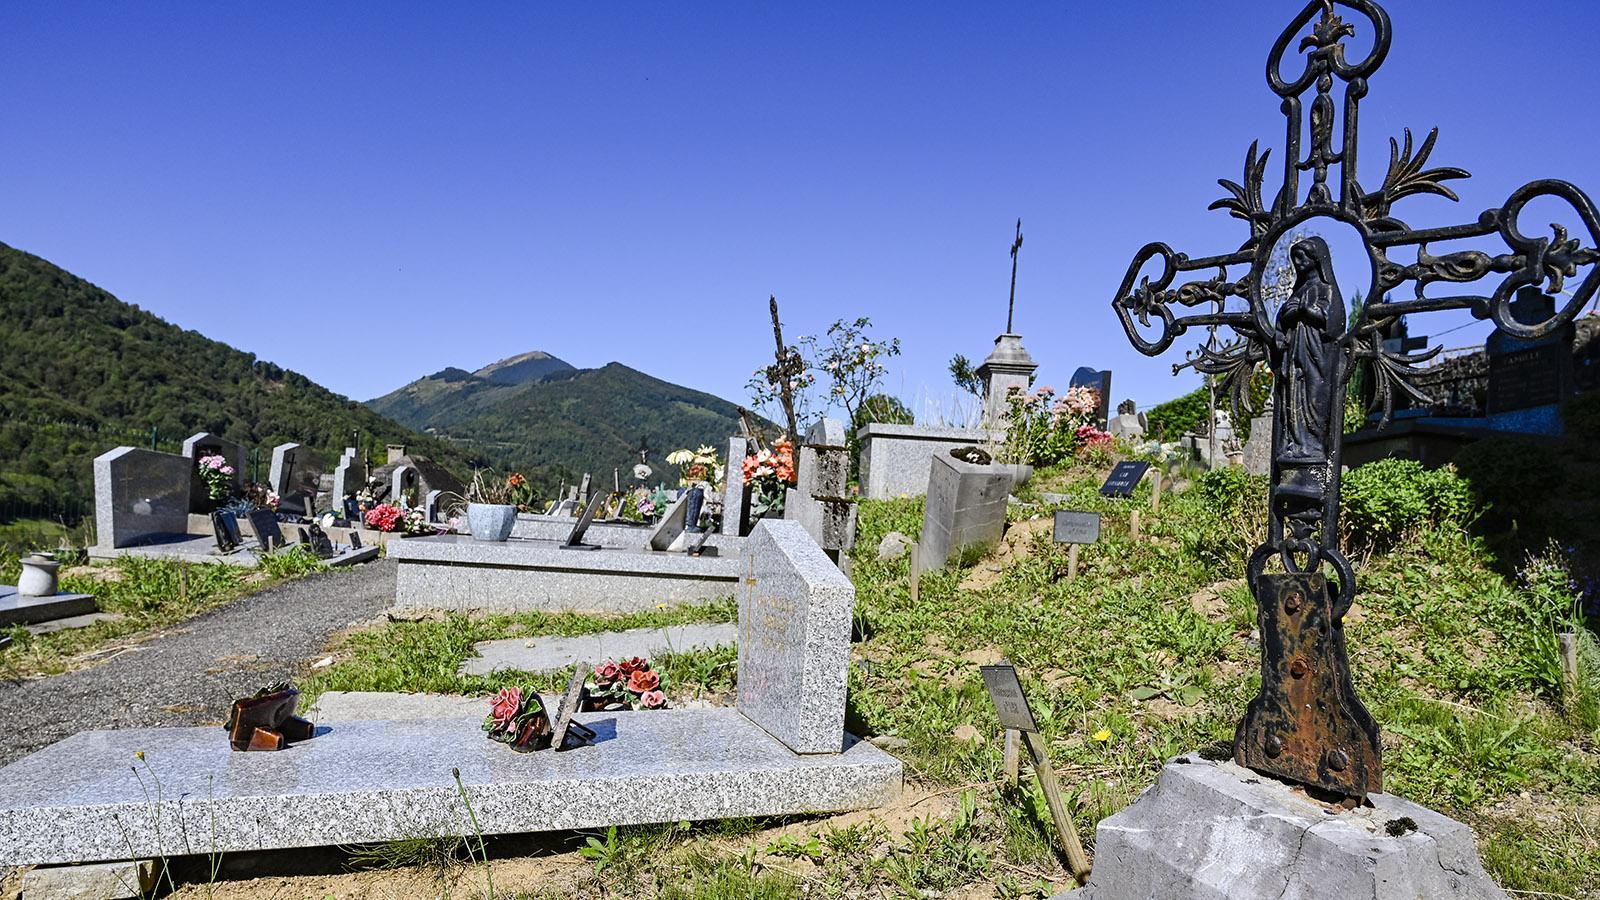 Der Friedhof von Ayet. Foto: Hilke Maunder